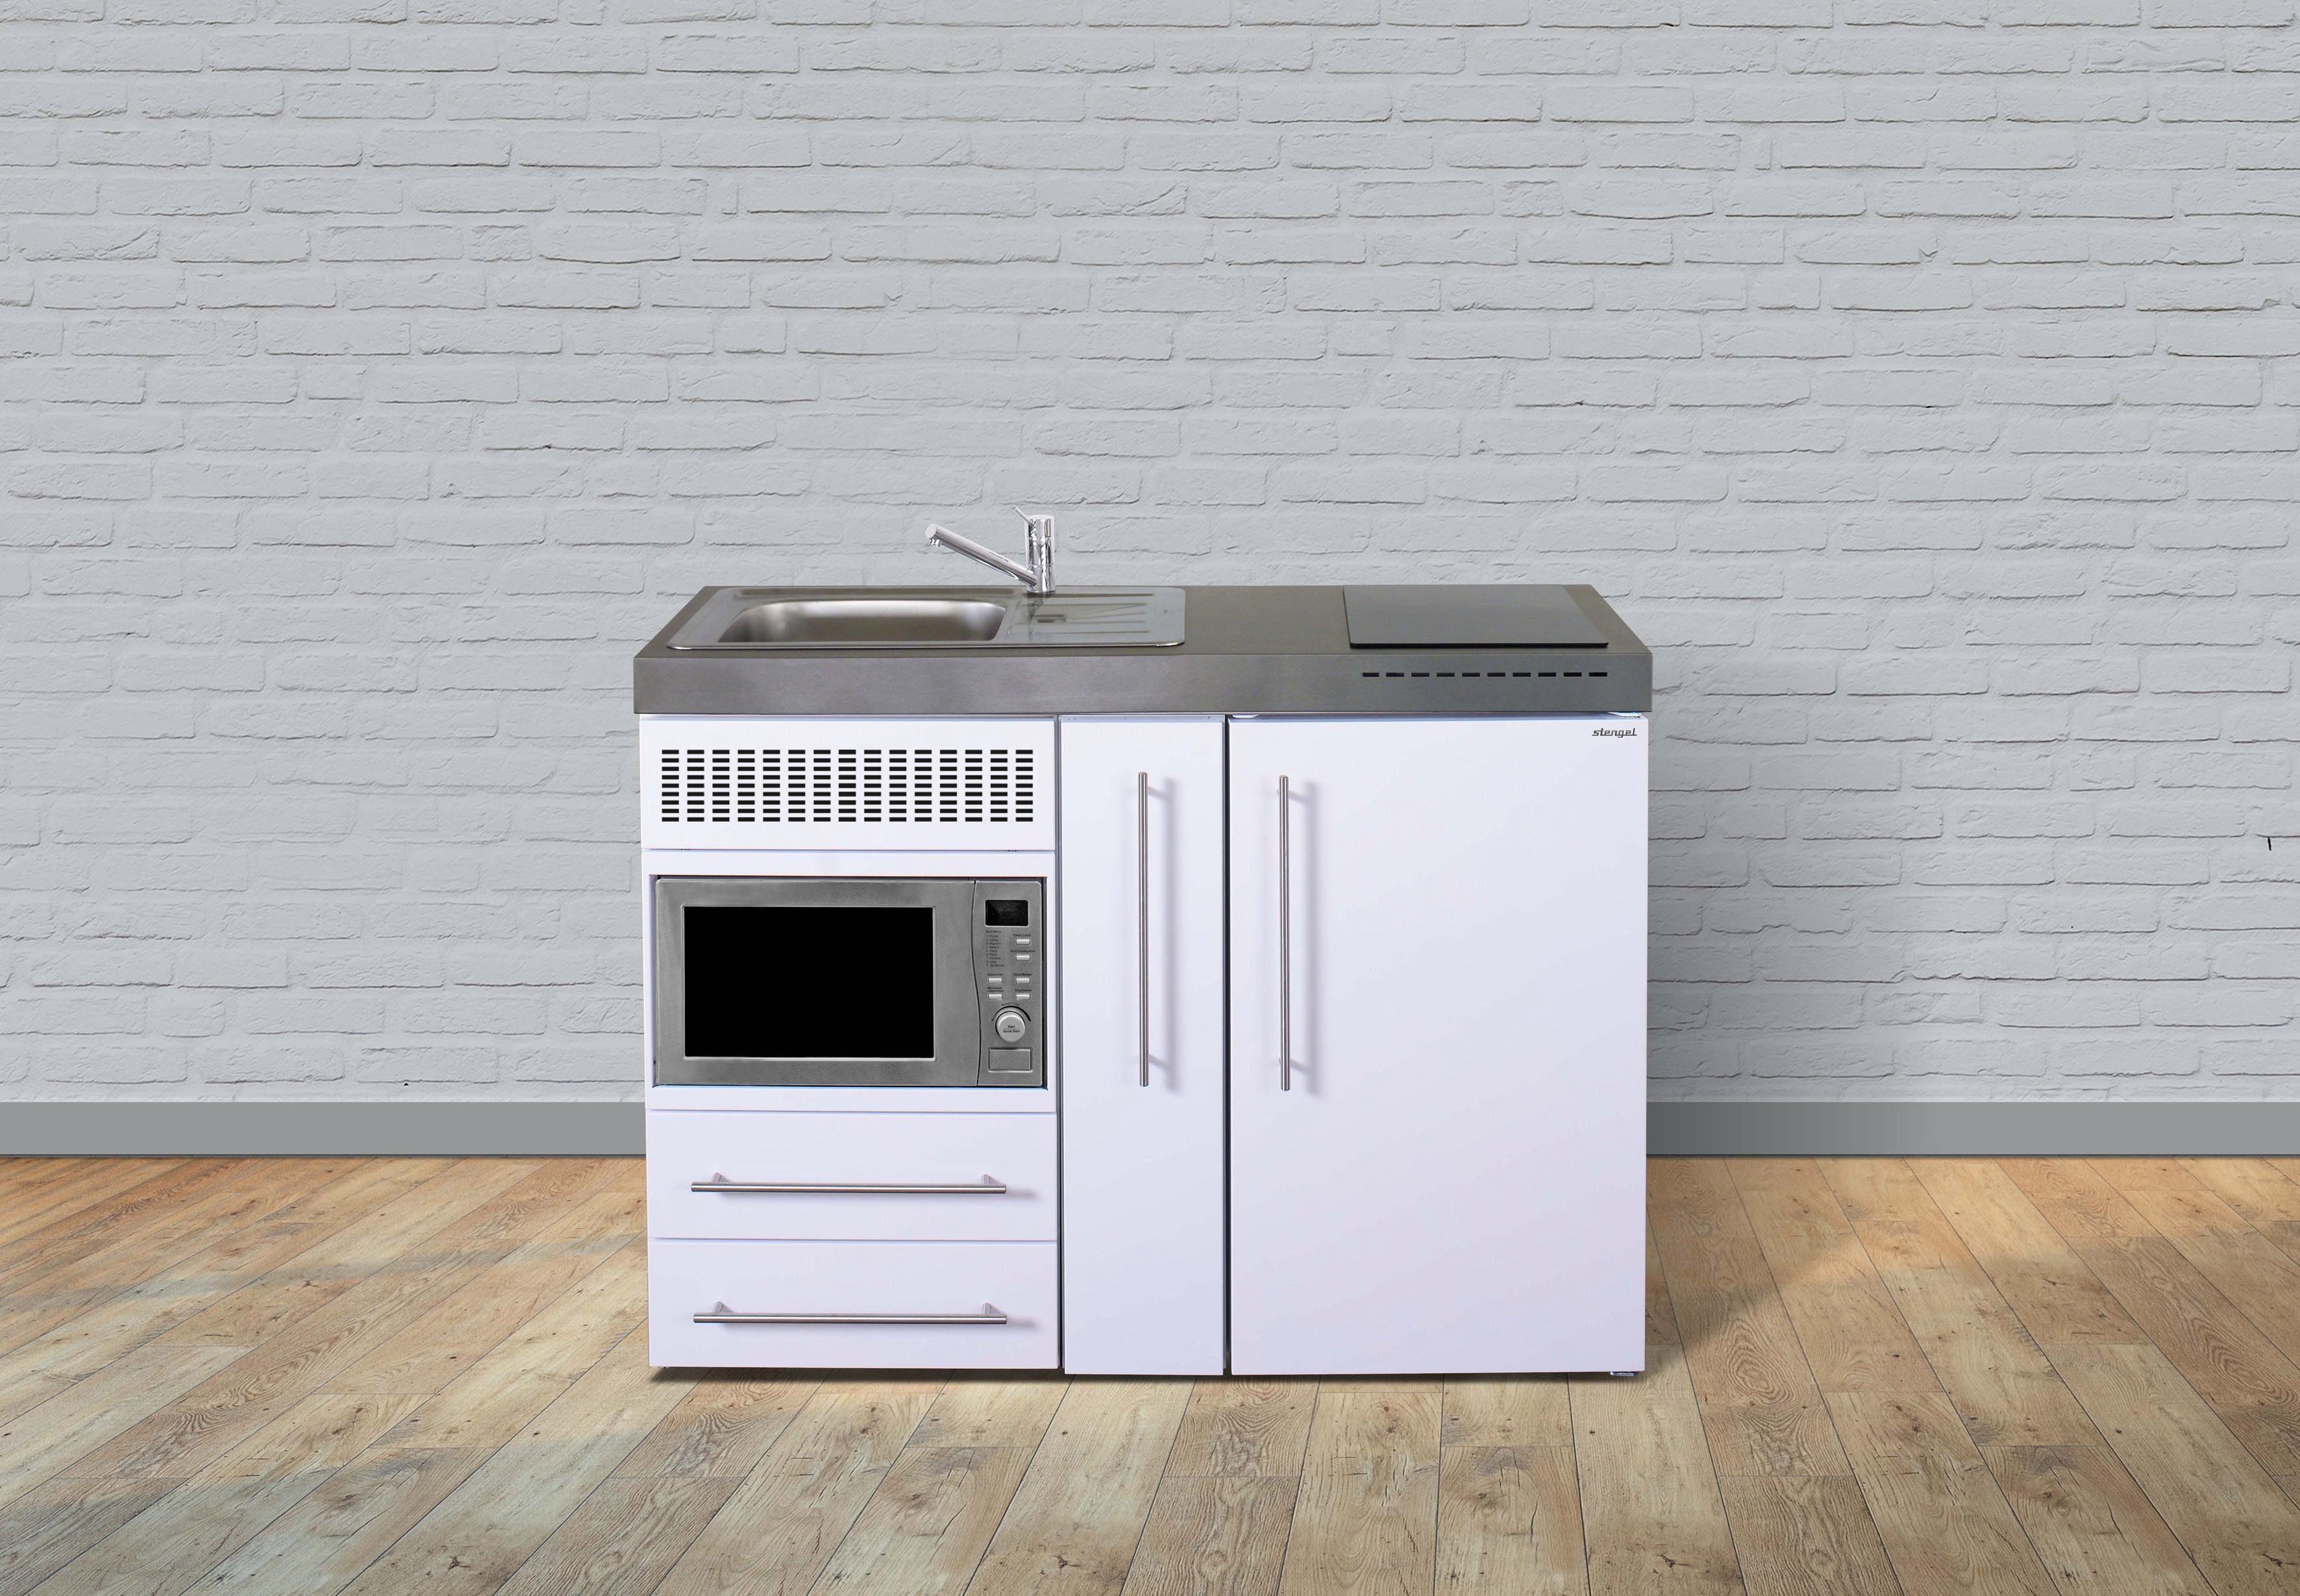 Stengel Miniküche MPM 120 A   Küche und Esszimmer > Küchen > Miniküchen   Stengel